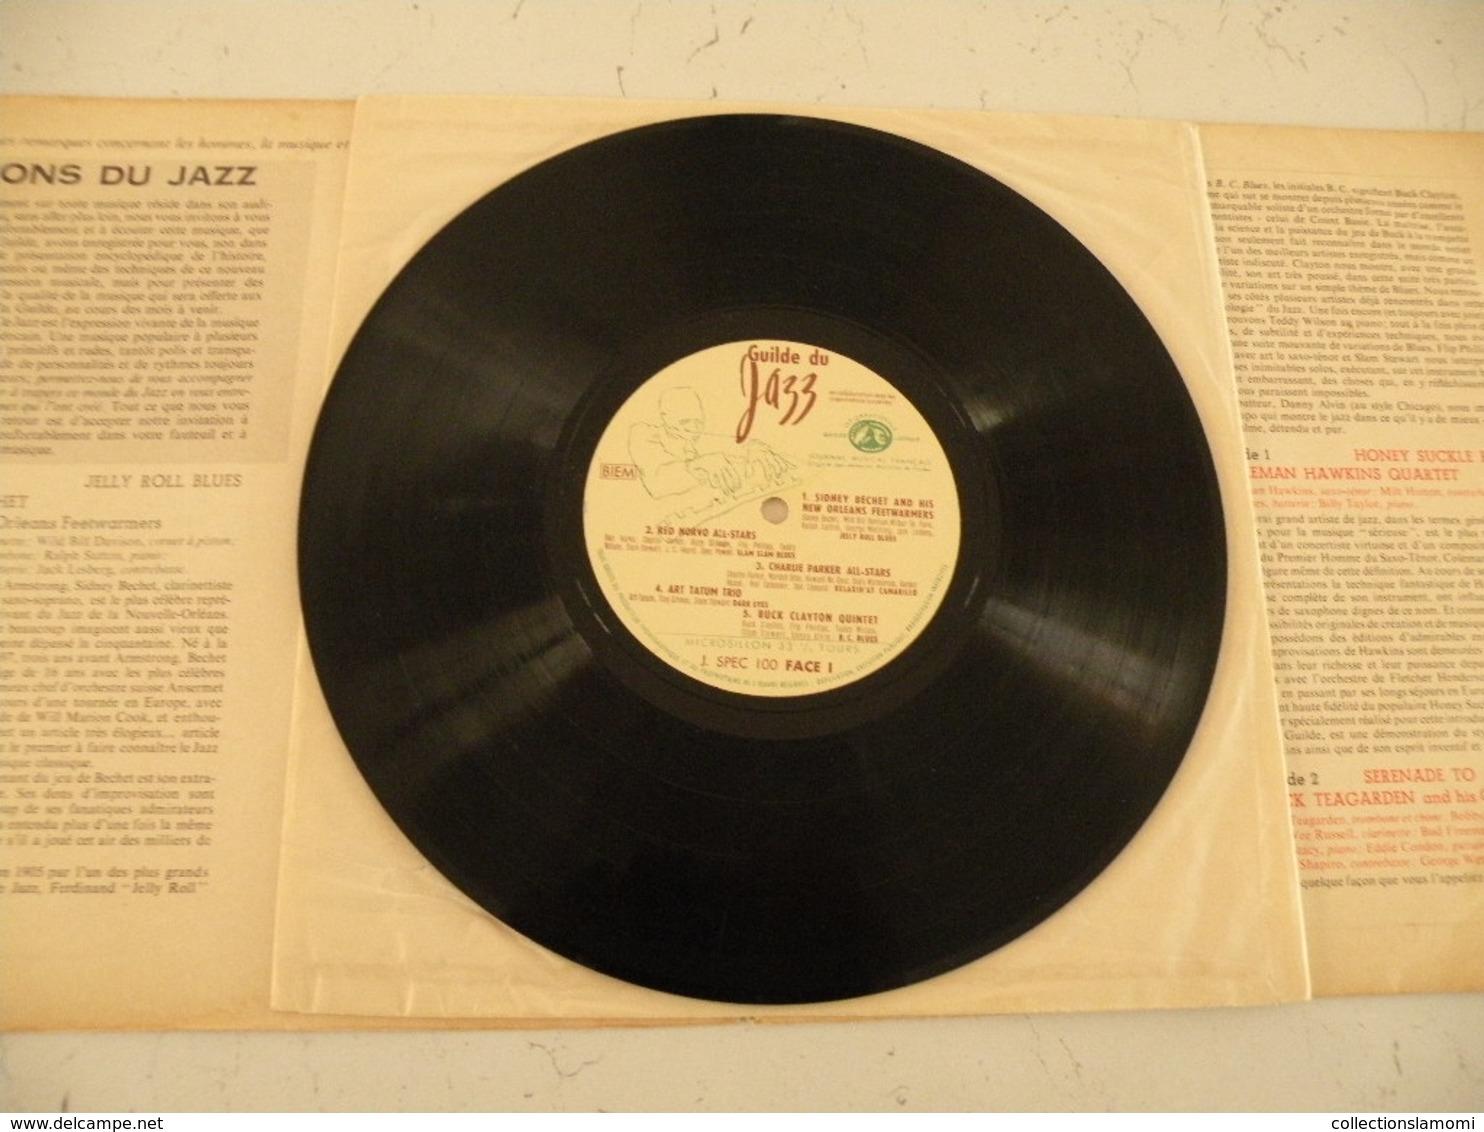 Horizons Du Jazz Avec Les Grands Nom Du Jazz Américains Des Années 50/60 (Titres Sur Photos) - Vinyle 33 T LP - Jazz